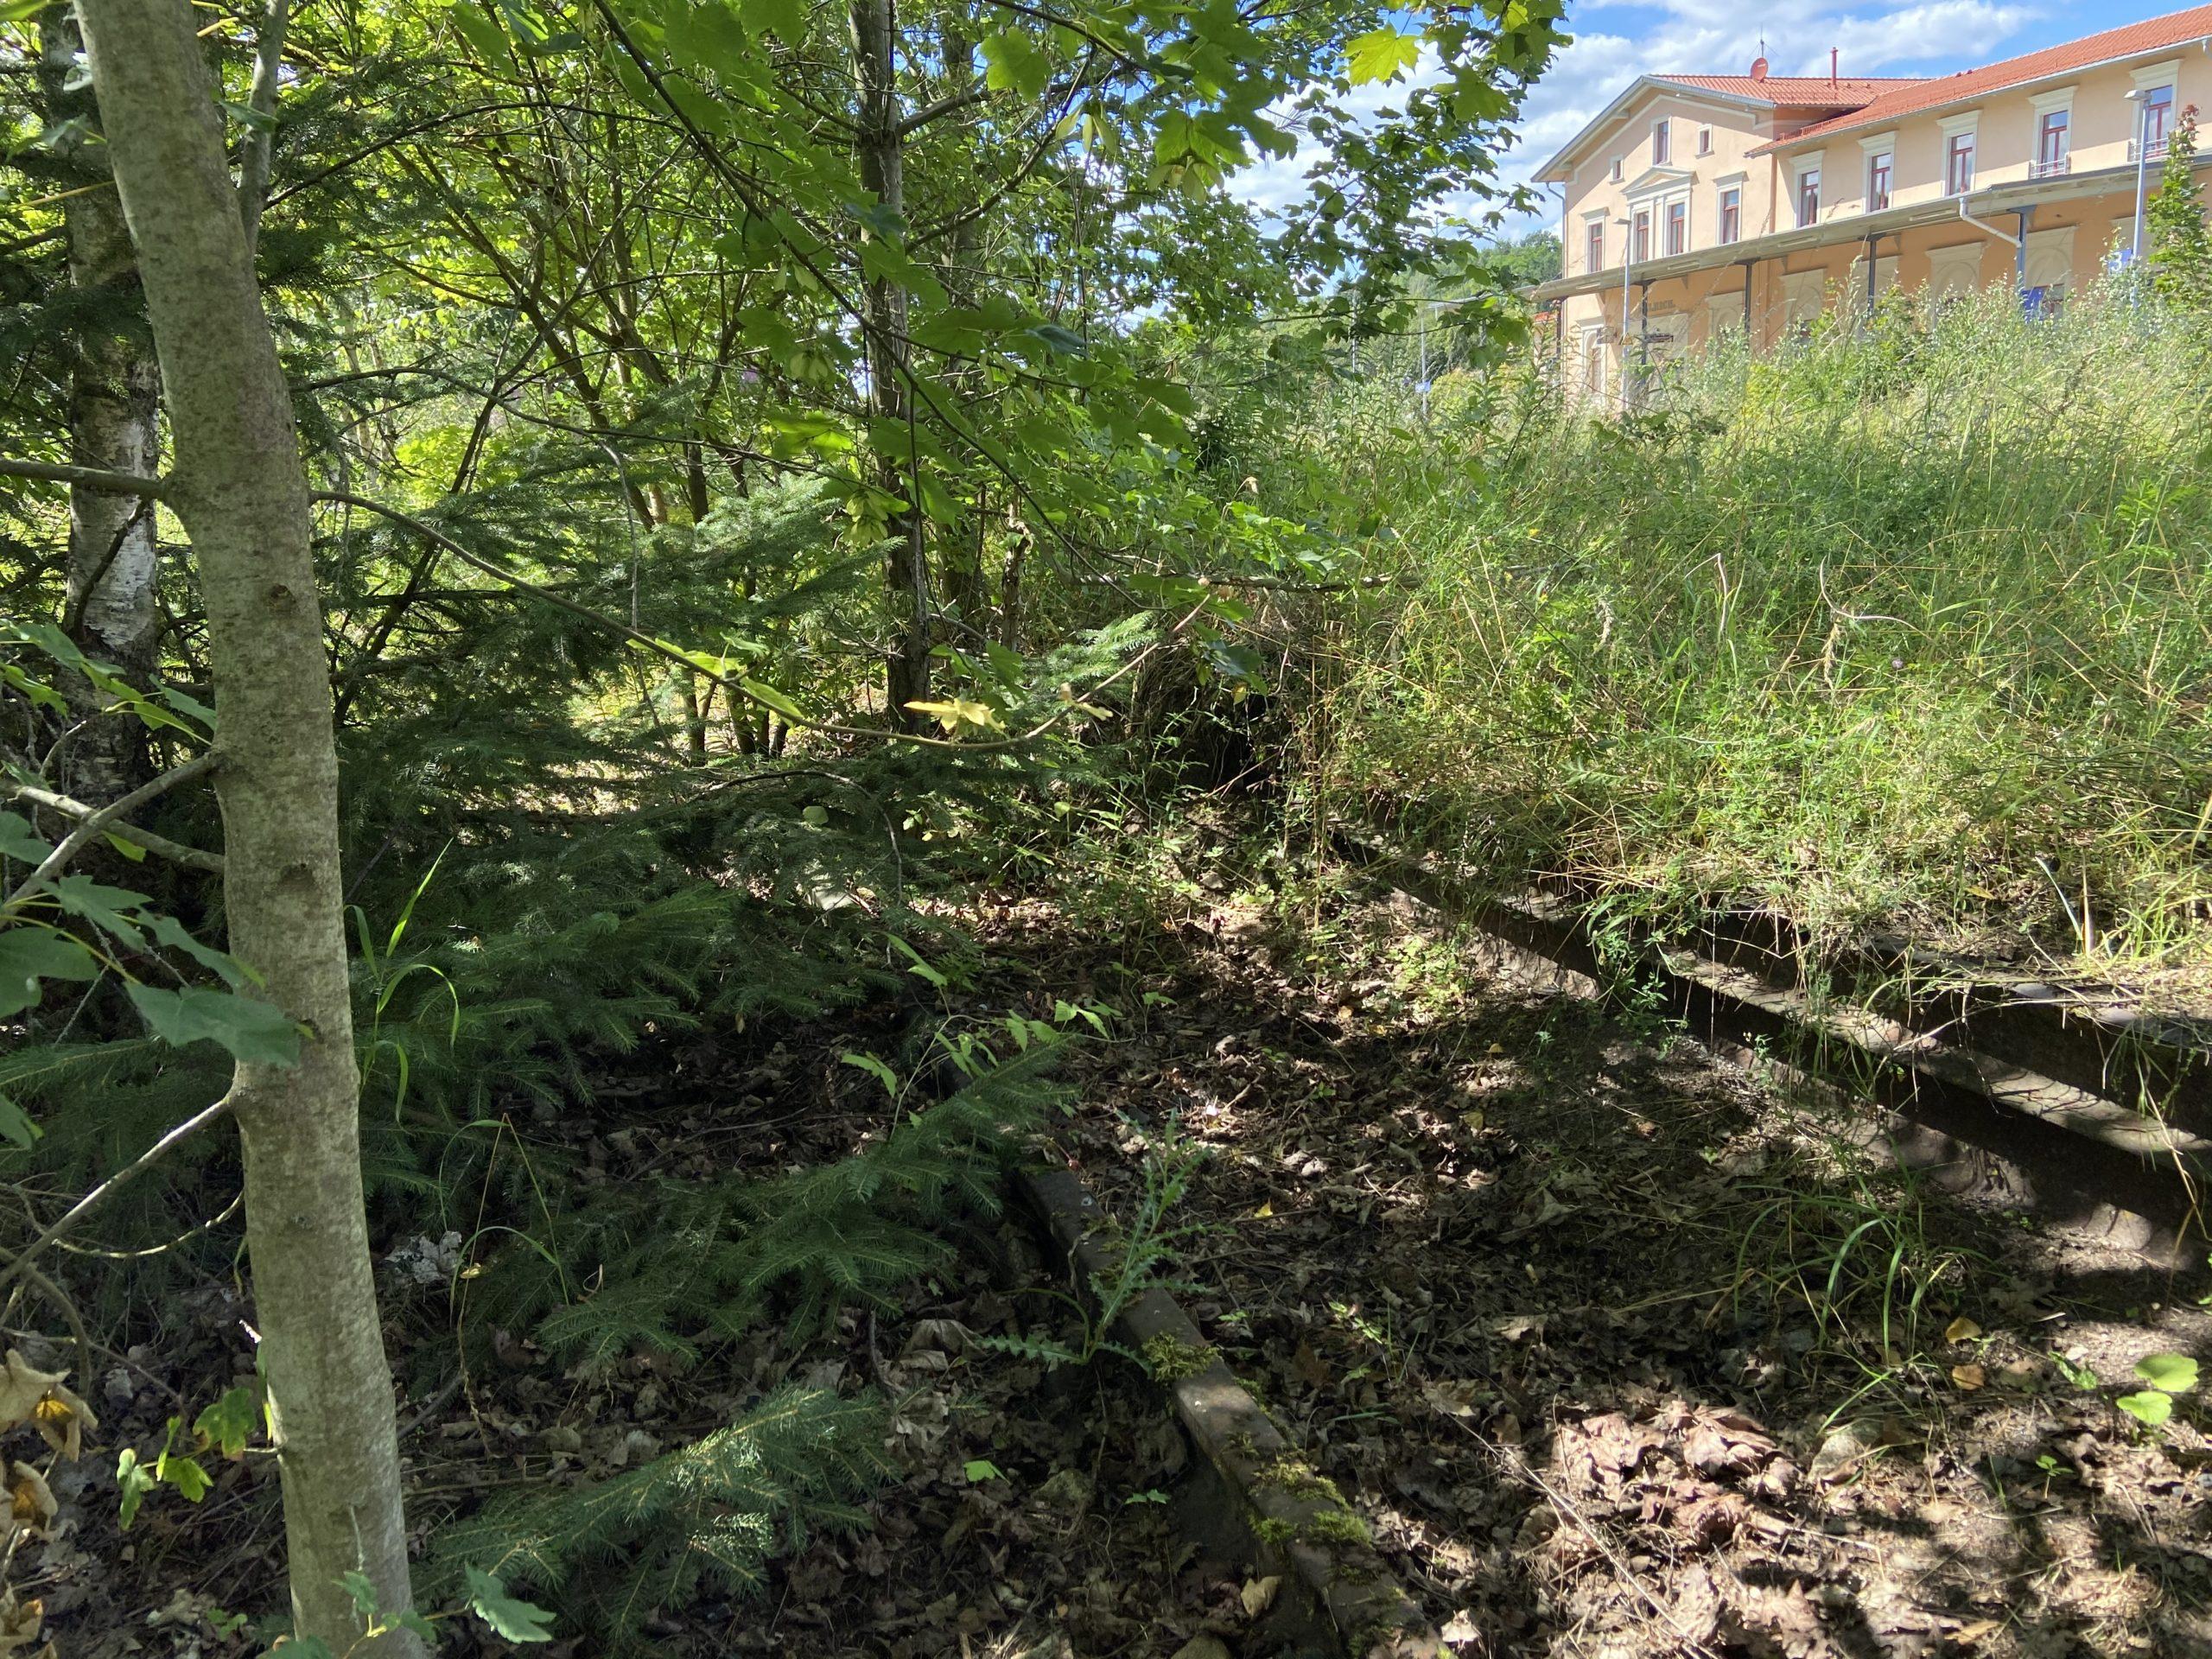 Gleise am ehemaligen KZ-Aussenlager Ellrich des KZ Buchenwald